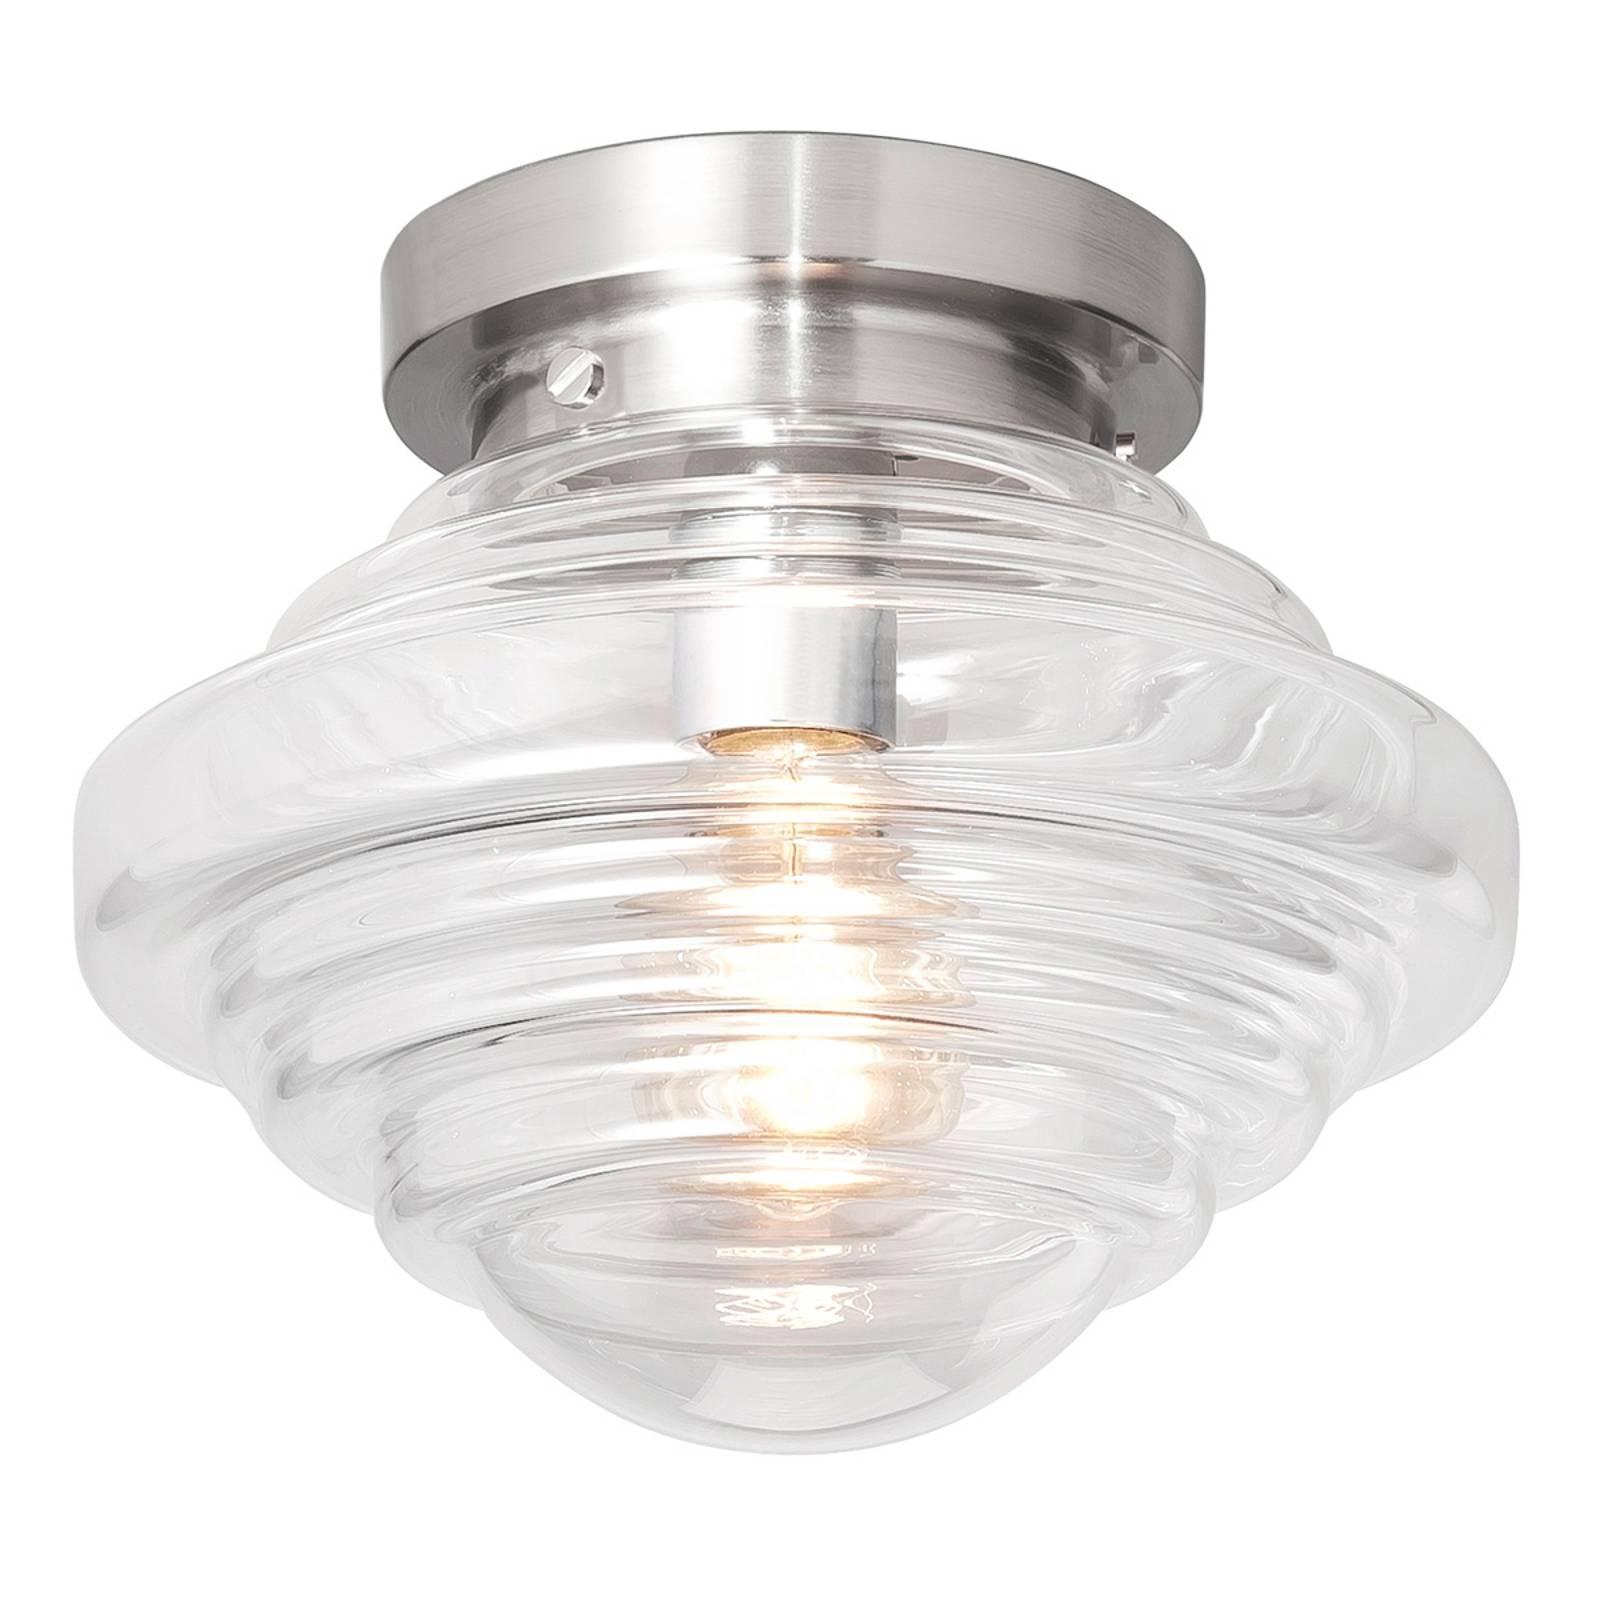 Glazen plafondlamp York met heldere kap